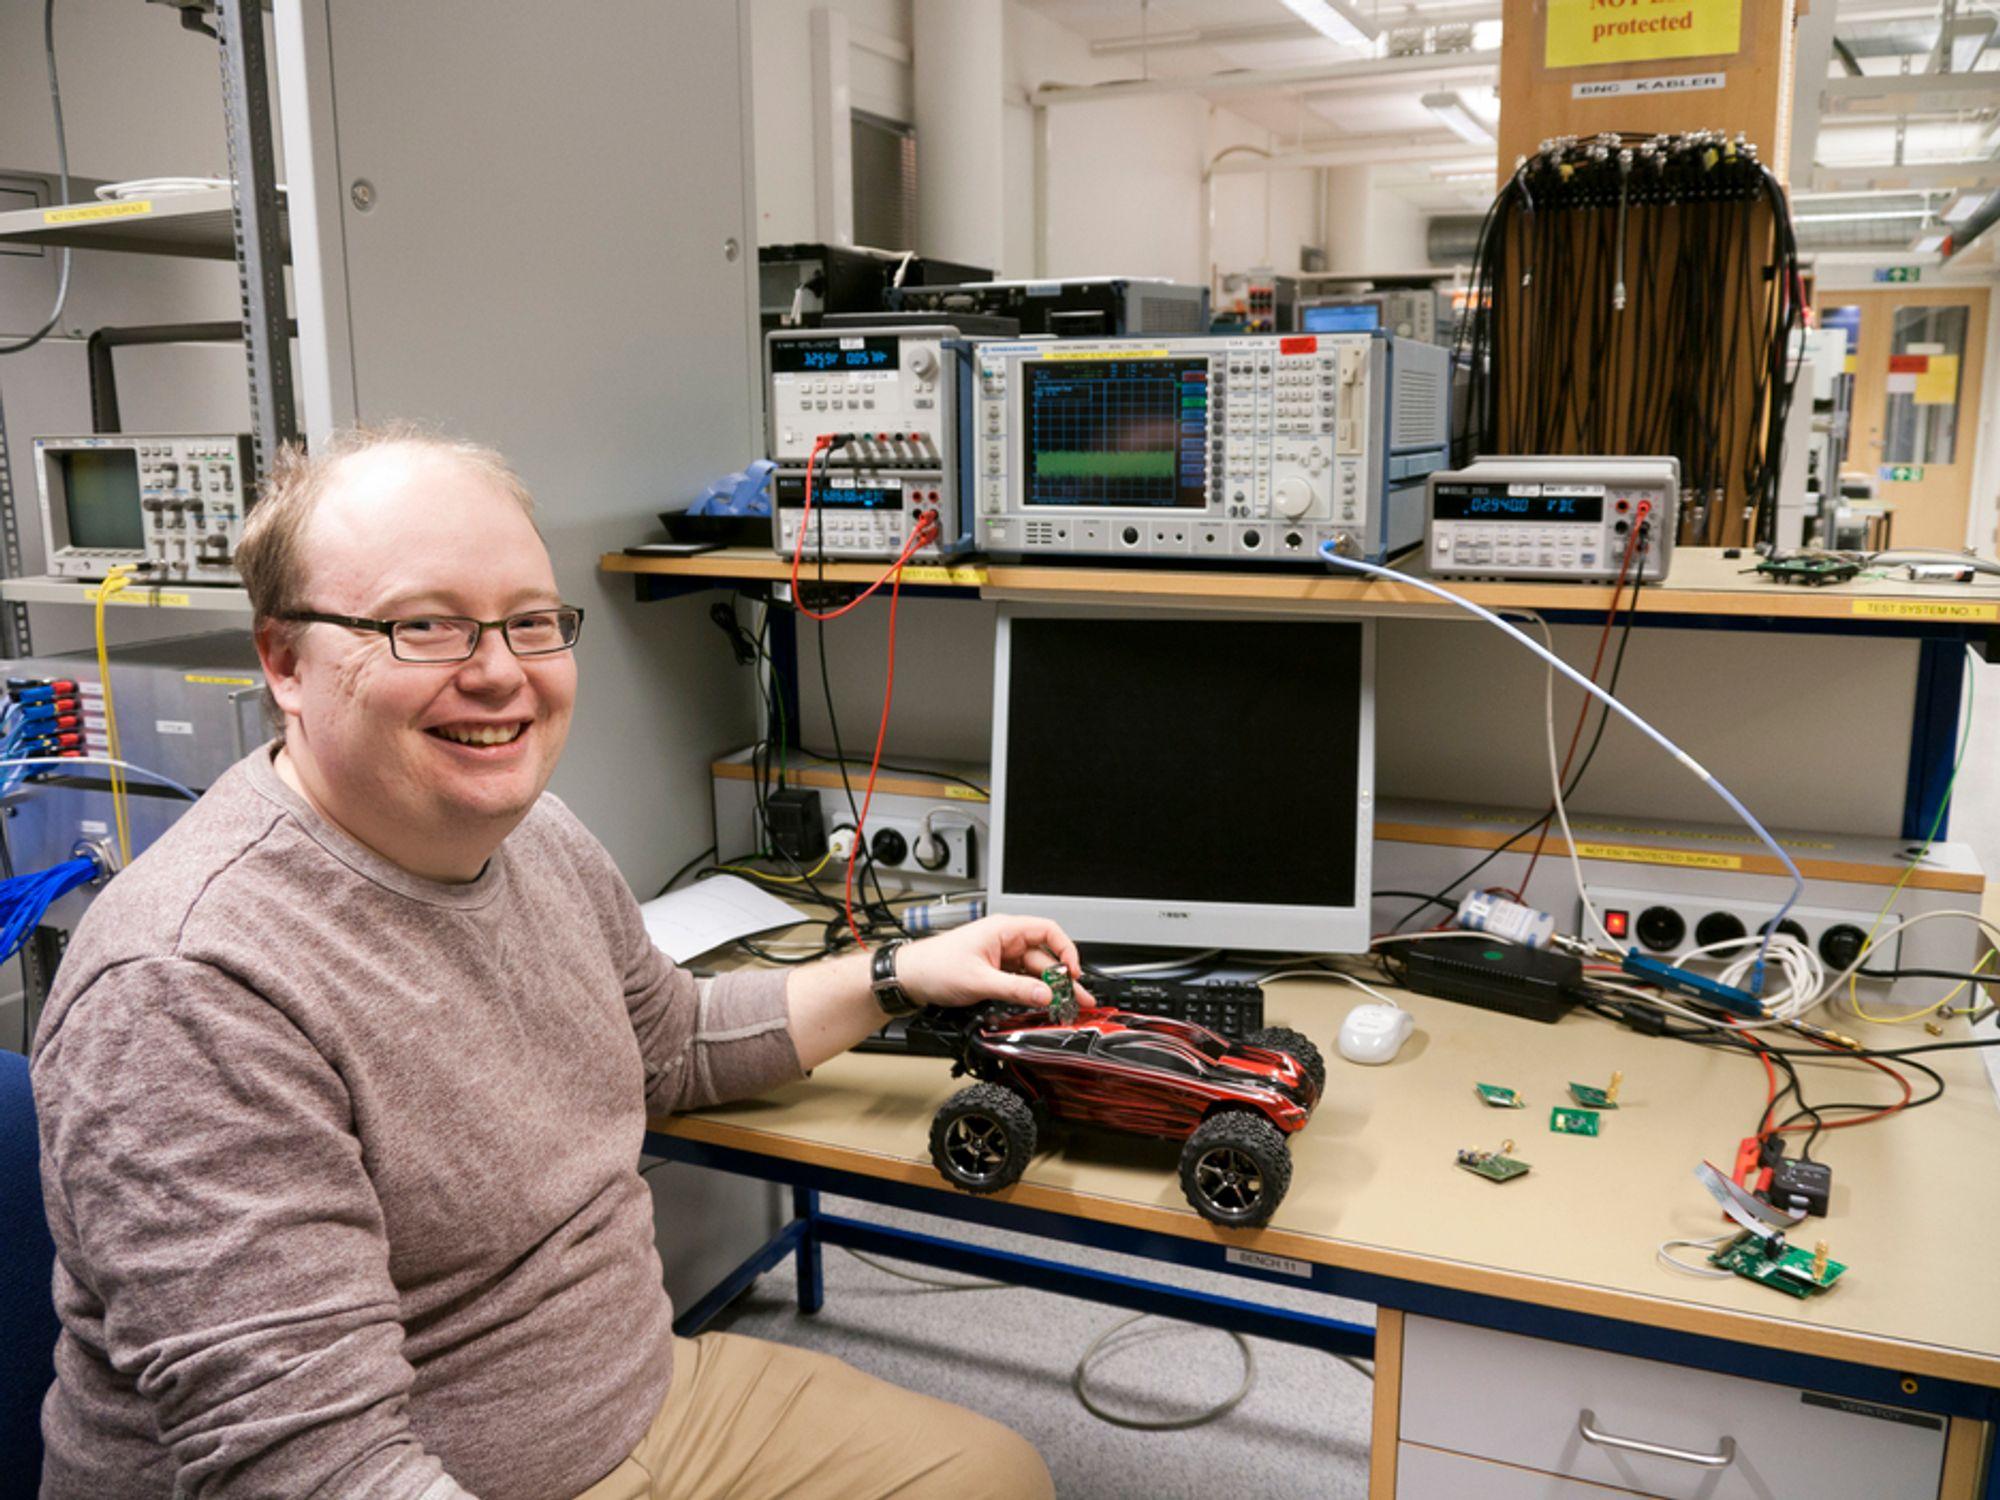 ALLSIDIG ARBEID: Karl Helmer Torvmark i Texas Instruments har spesifisert og vært med på å utvikle den nye strømgjerrige bluetoothbrikken som han nå leder den internasjonale markedsføringen av. Den vil utløse et svært stort nytt marked fra mobiltilbehør og sensorer til radiokontrollerte lekebiler.